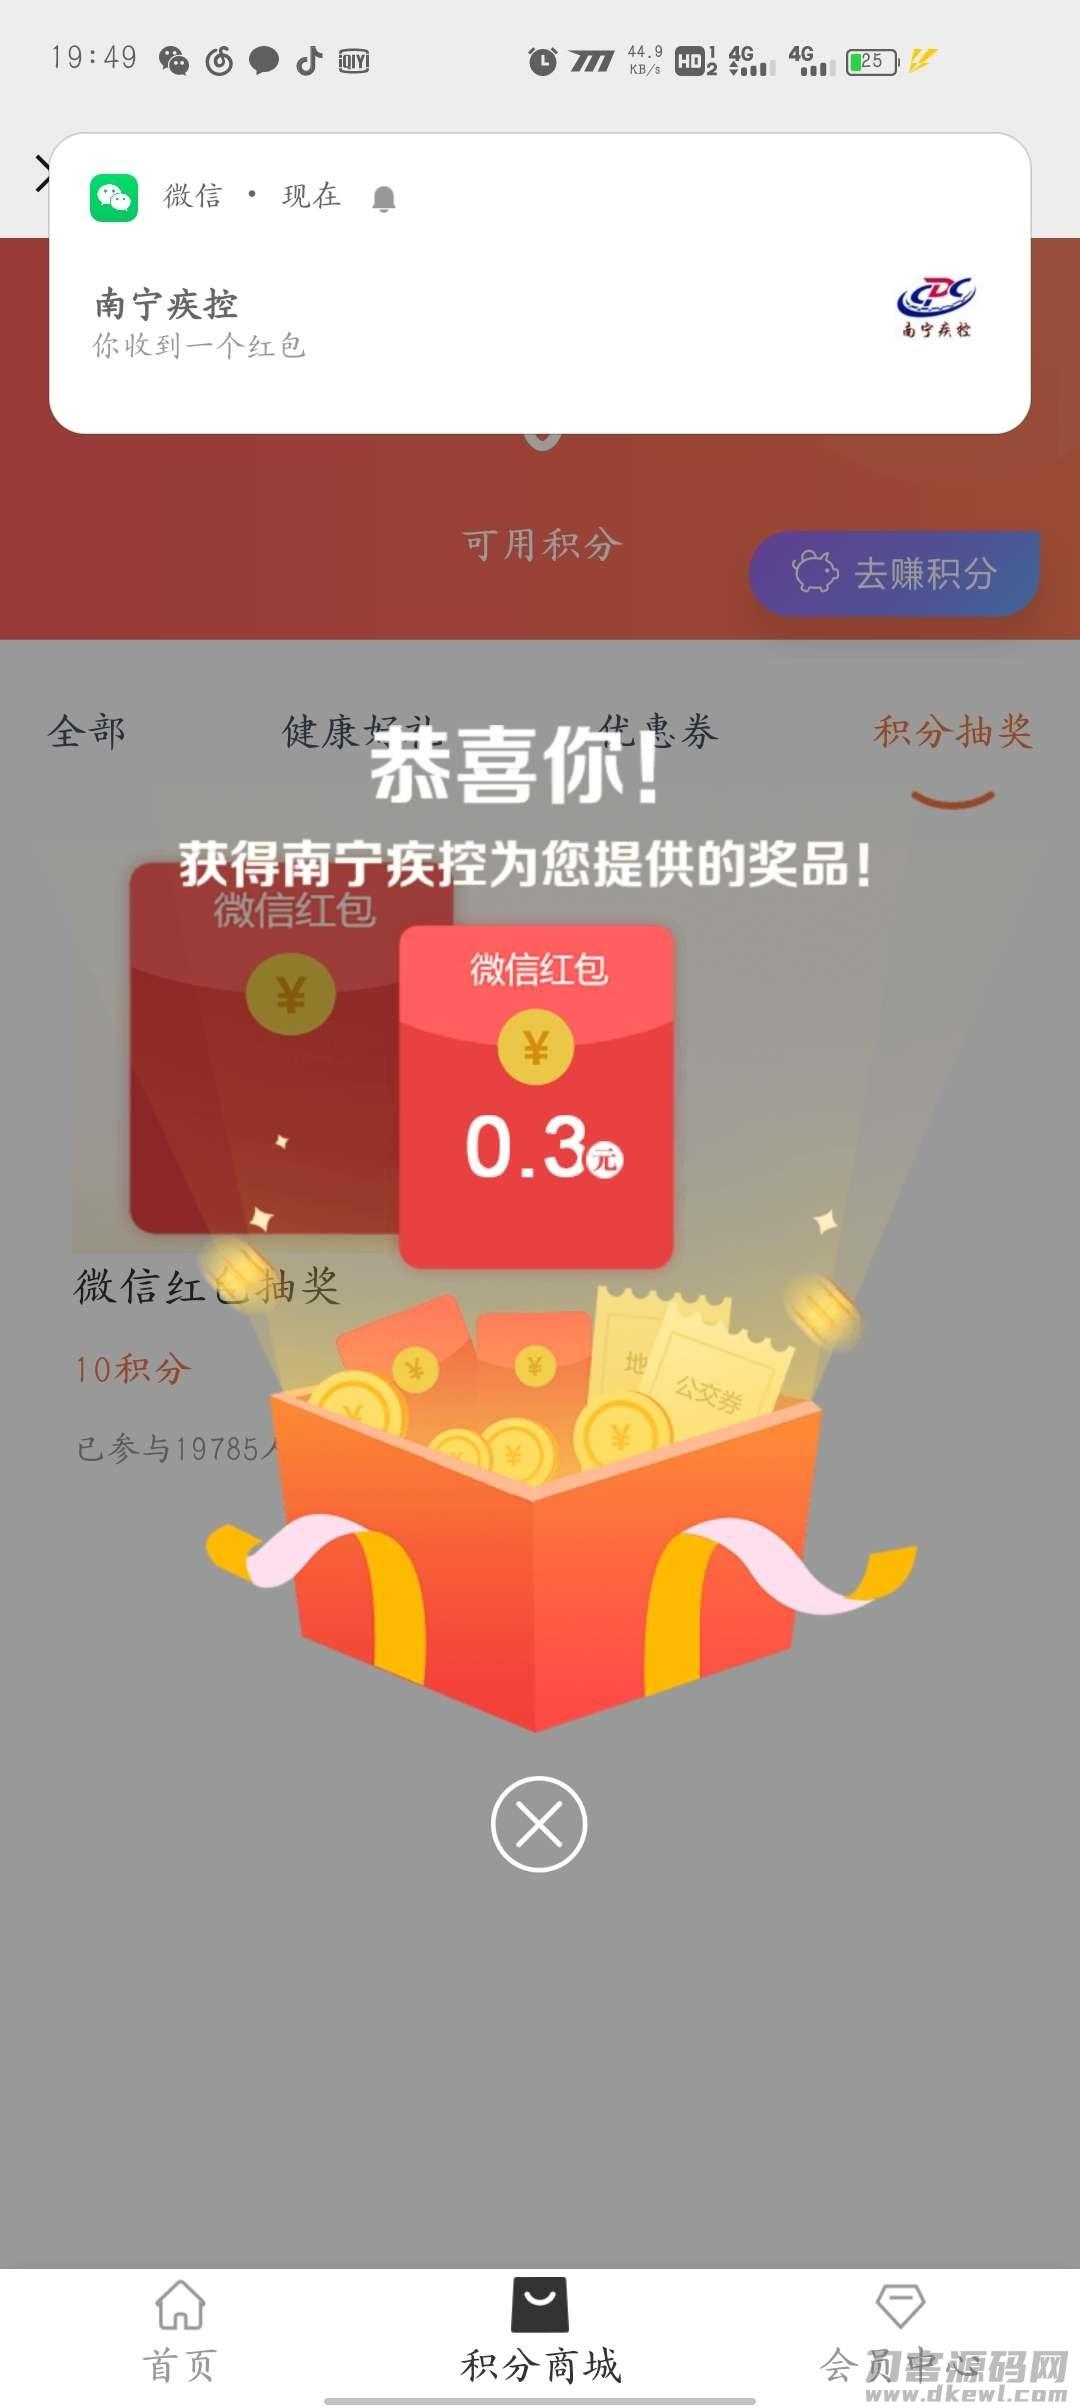 微信公众平台南宁市疾病预防插图3